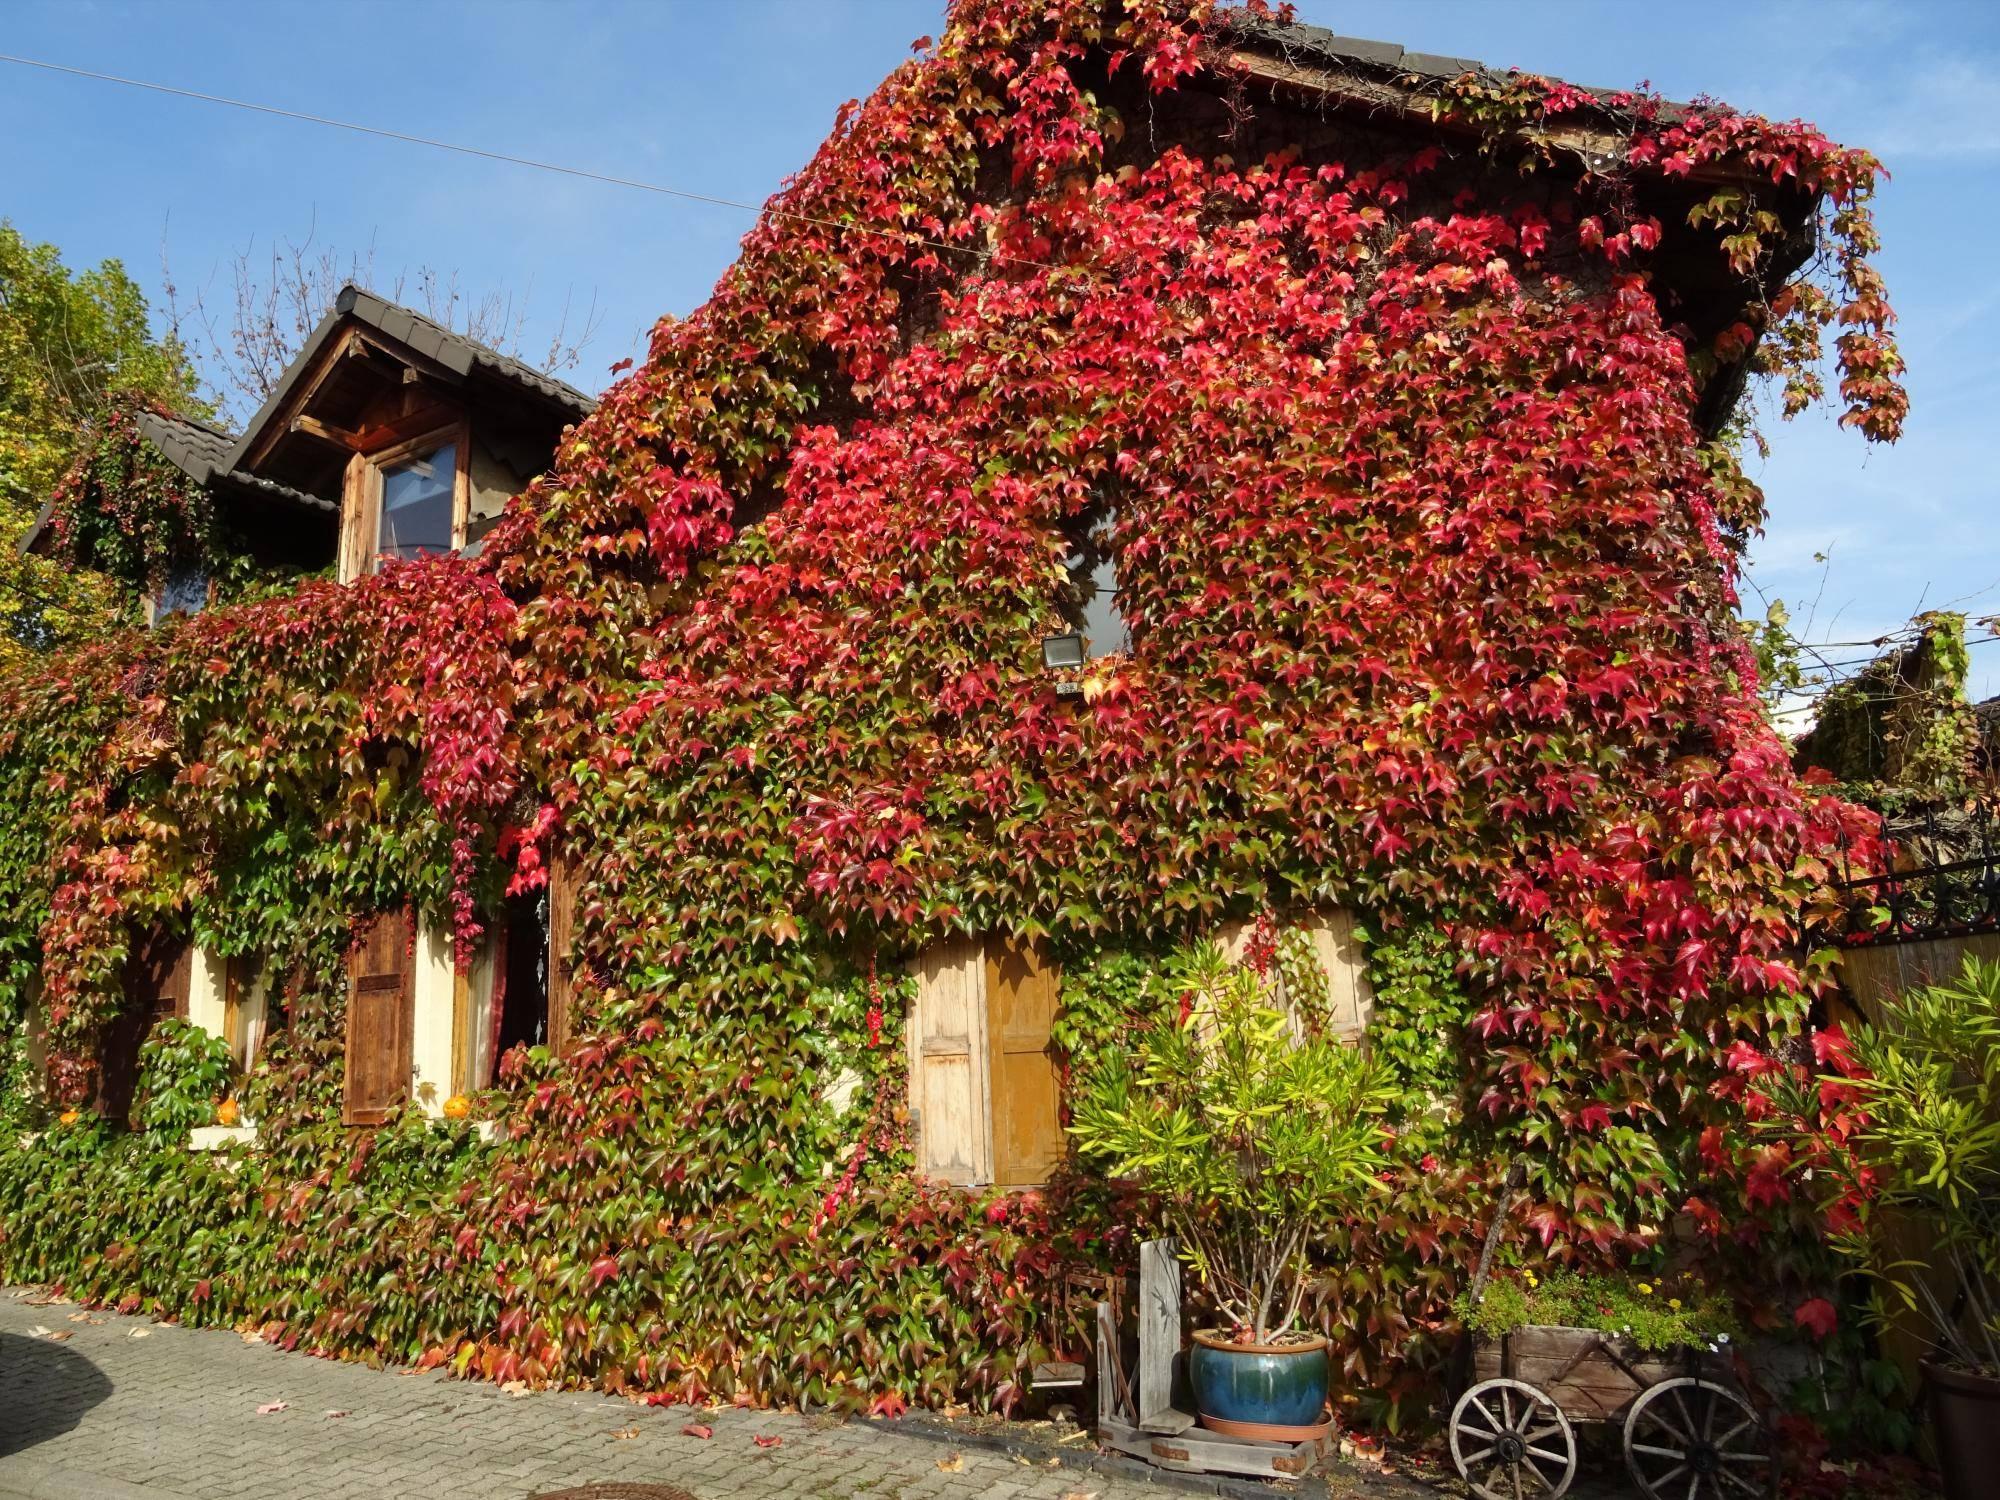 Garten Wilder Wein An Der Hauswand